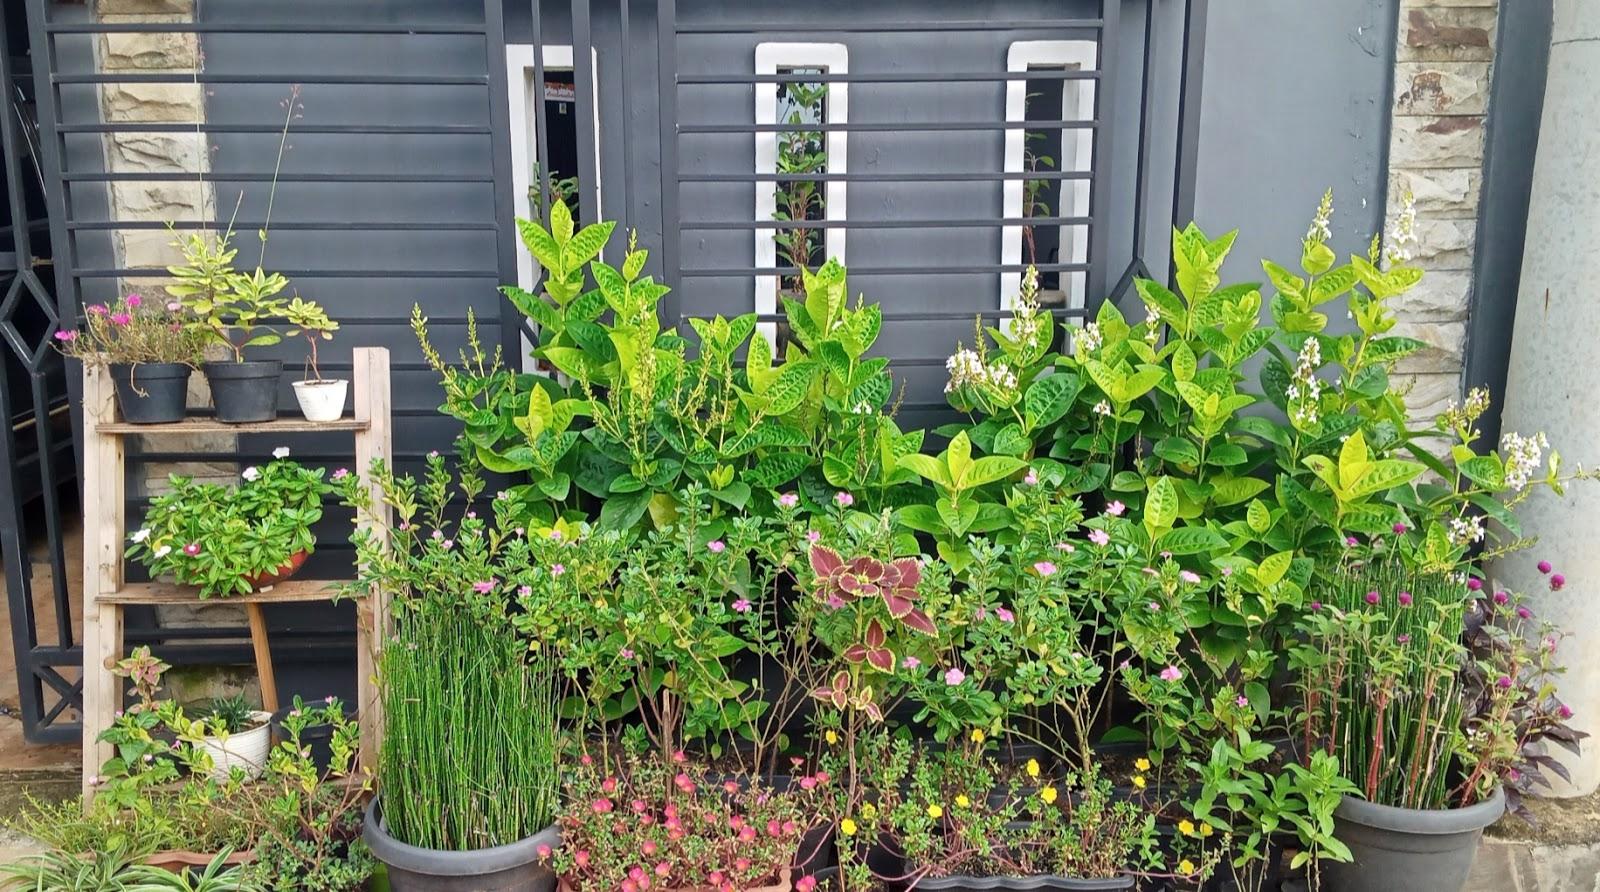 Halaman Samping Tancap Tumbuh Berbunga Ini 17 Jenis Tanaman Hias Gampang Ditanam